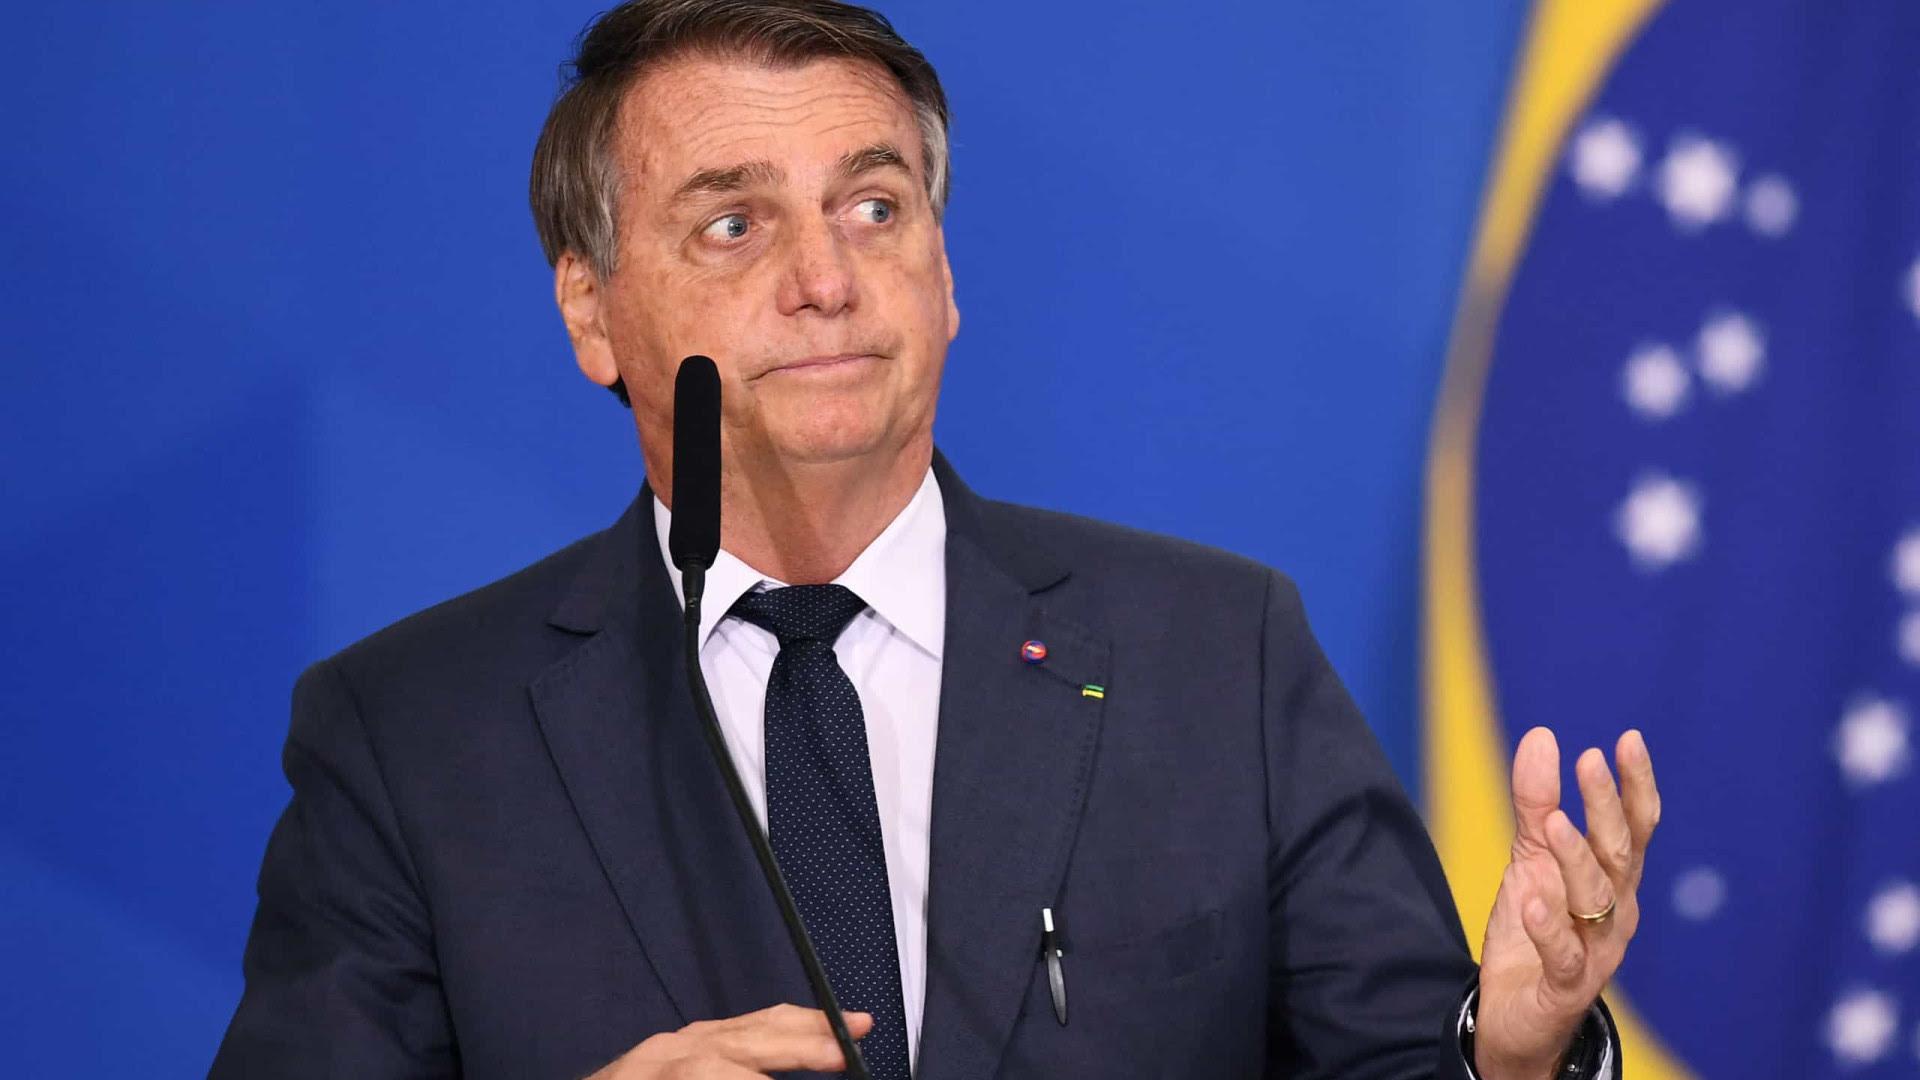 Bolsonaro agora admite que corrupção não acabou no seu governo: 'diminuiu muito'